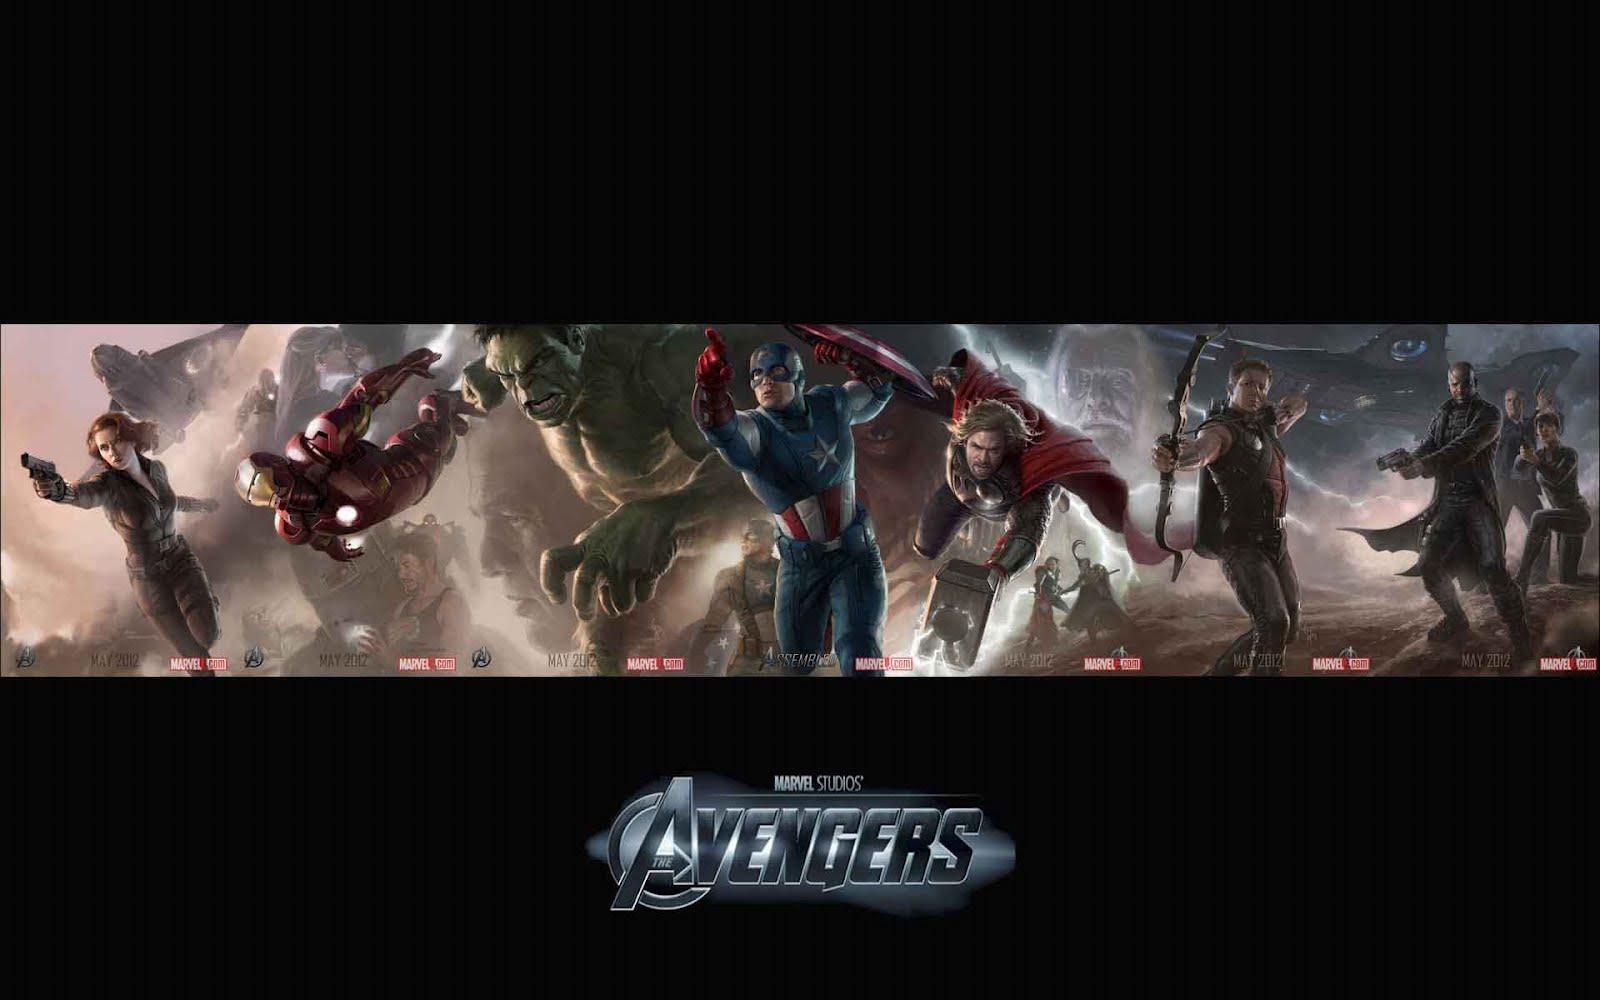 http://2.bp.blogspot.com/-oAZzvPh1ZdY/T3CvtR3Gi-I/AAAAAAAACXo/k5bRZS98Gu8/s1600/avengers_movie_wallpaper.jpg